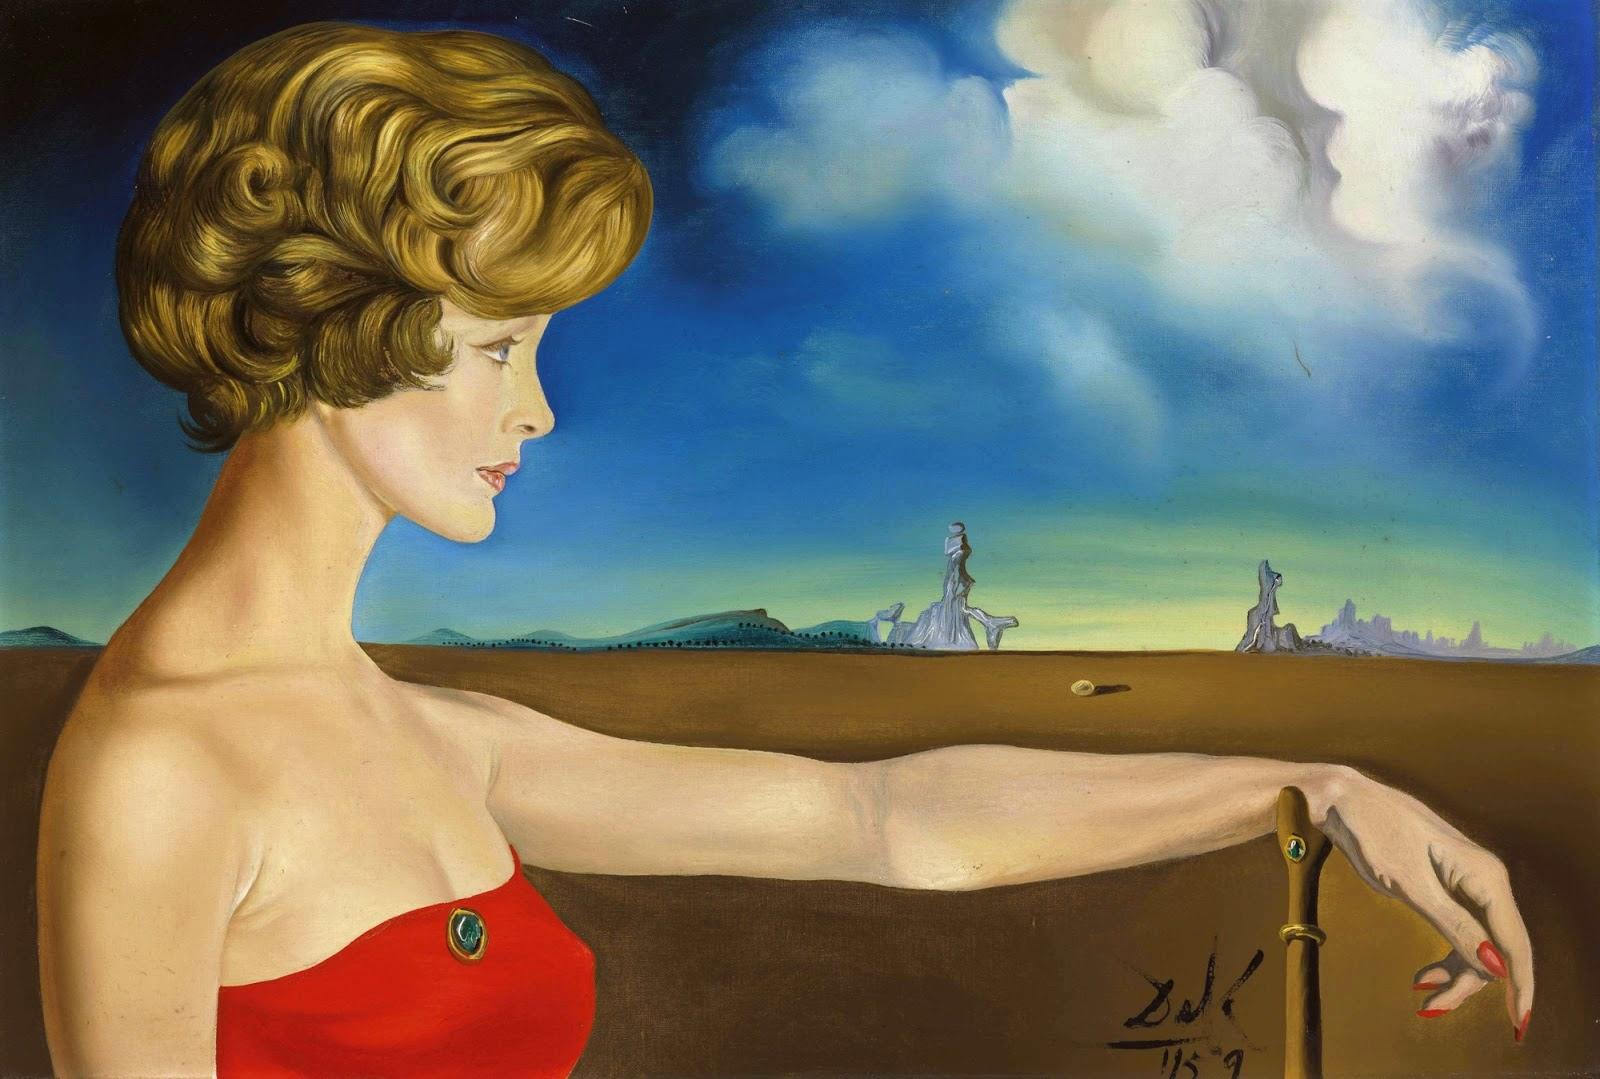 Dipinti nello stile del surrealismo di salvador dali